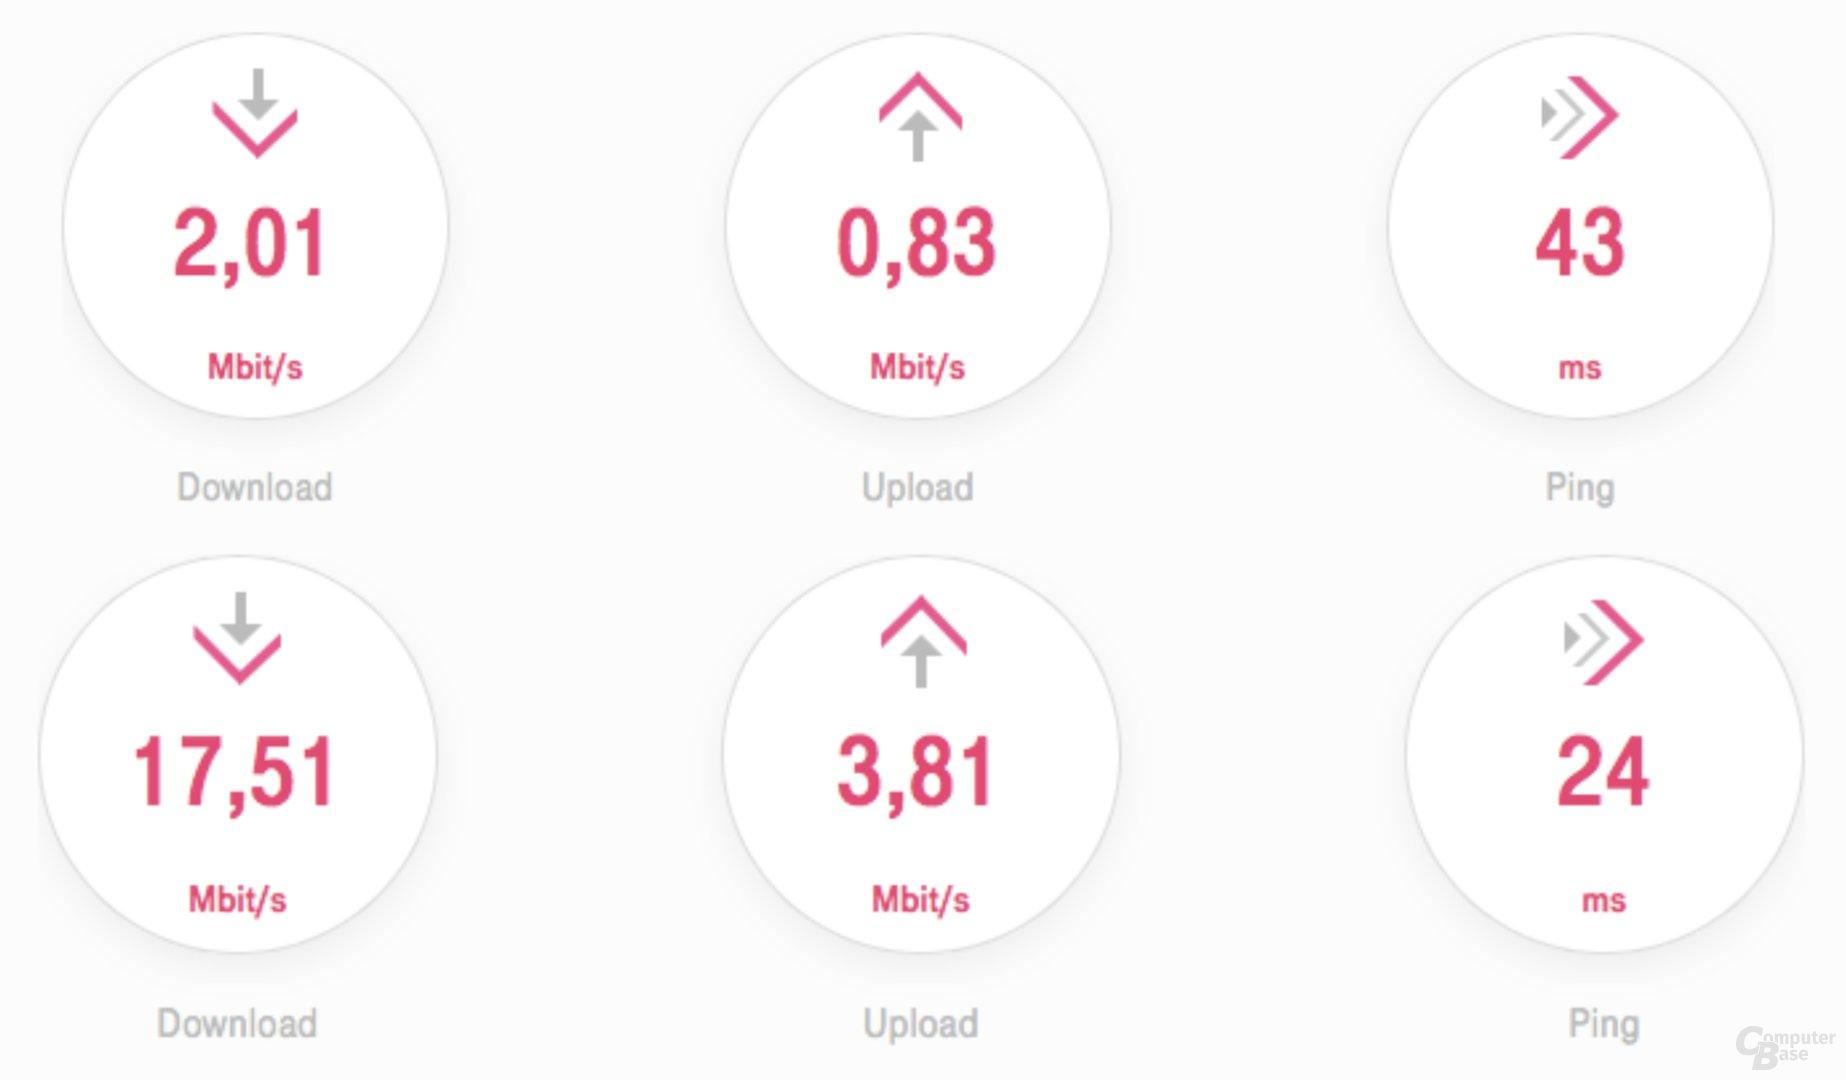 Verbindungsgeschwindigkeit ohne (oben) und mit LTE bei schlechter DSL-Anbindung